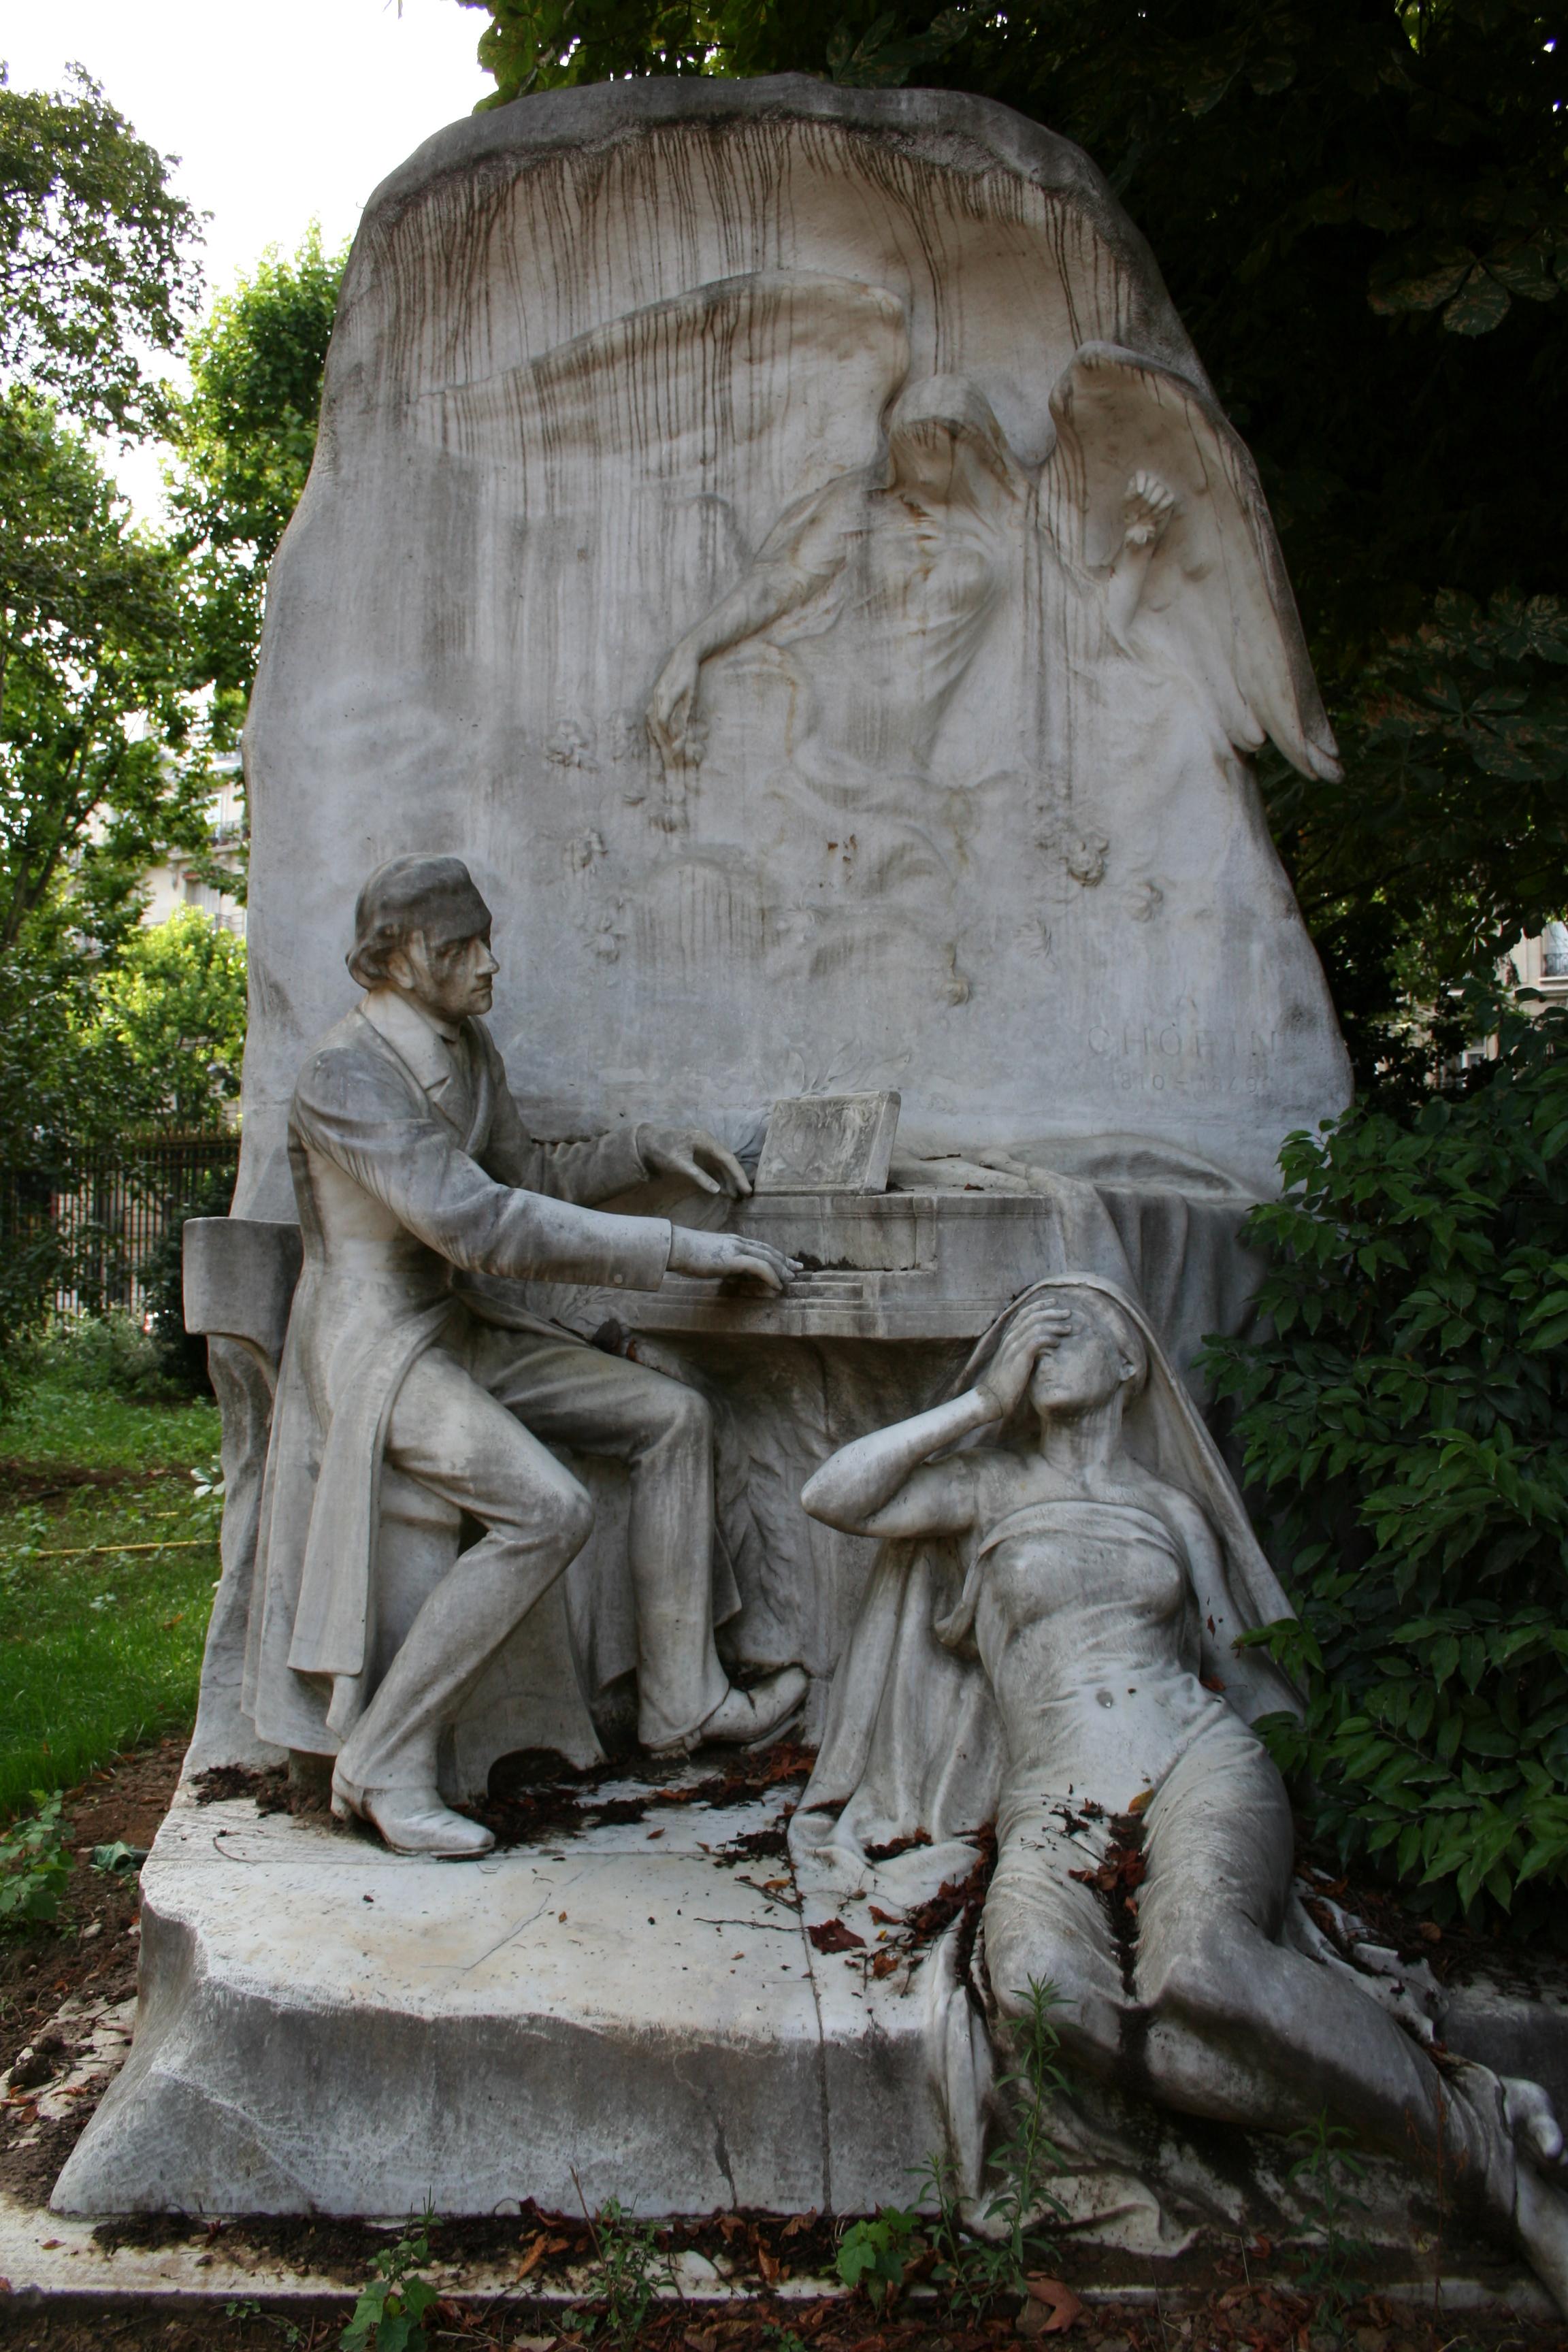 Monumento a Chopin en el Parque Monceau, París.